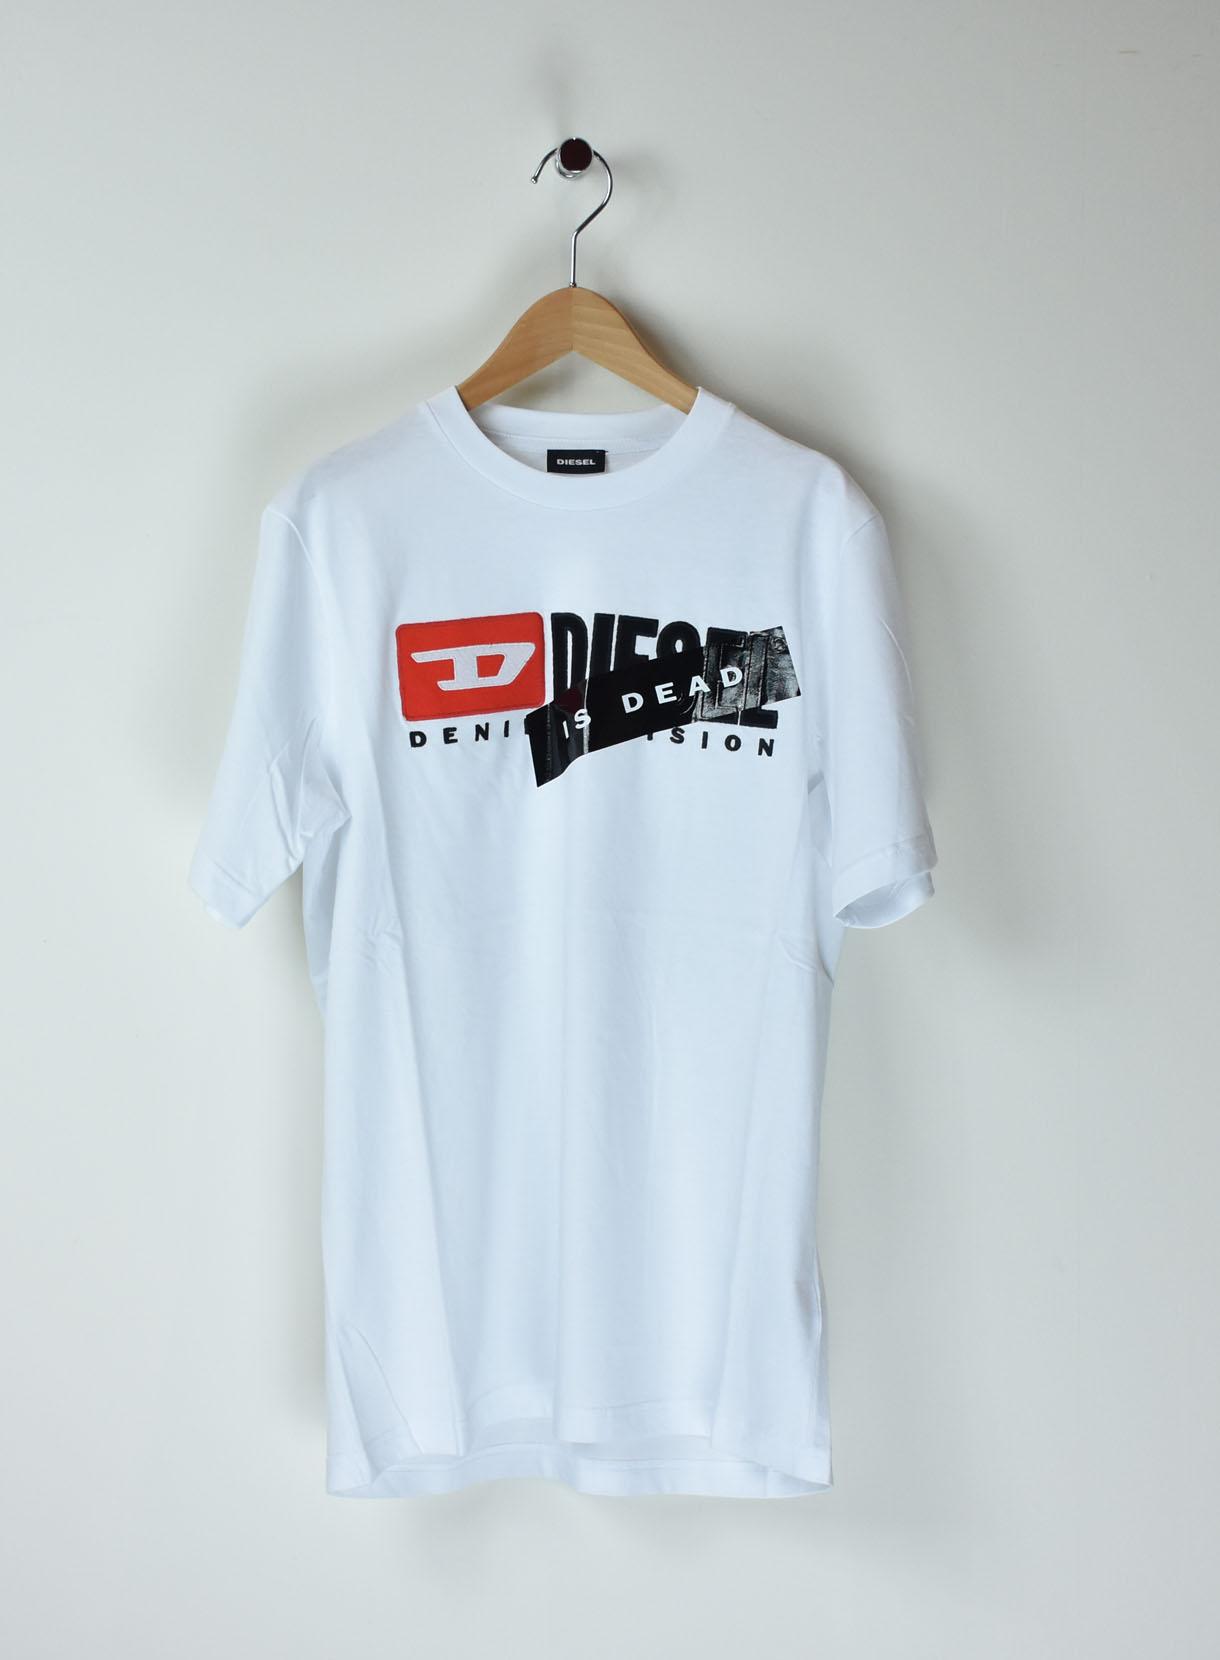 DIESEL IS DEAD Tシャツ(WEB限定・数量限定)